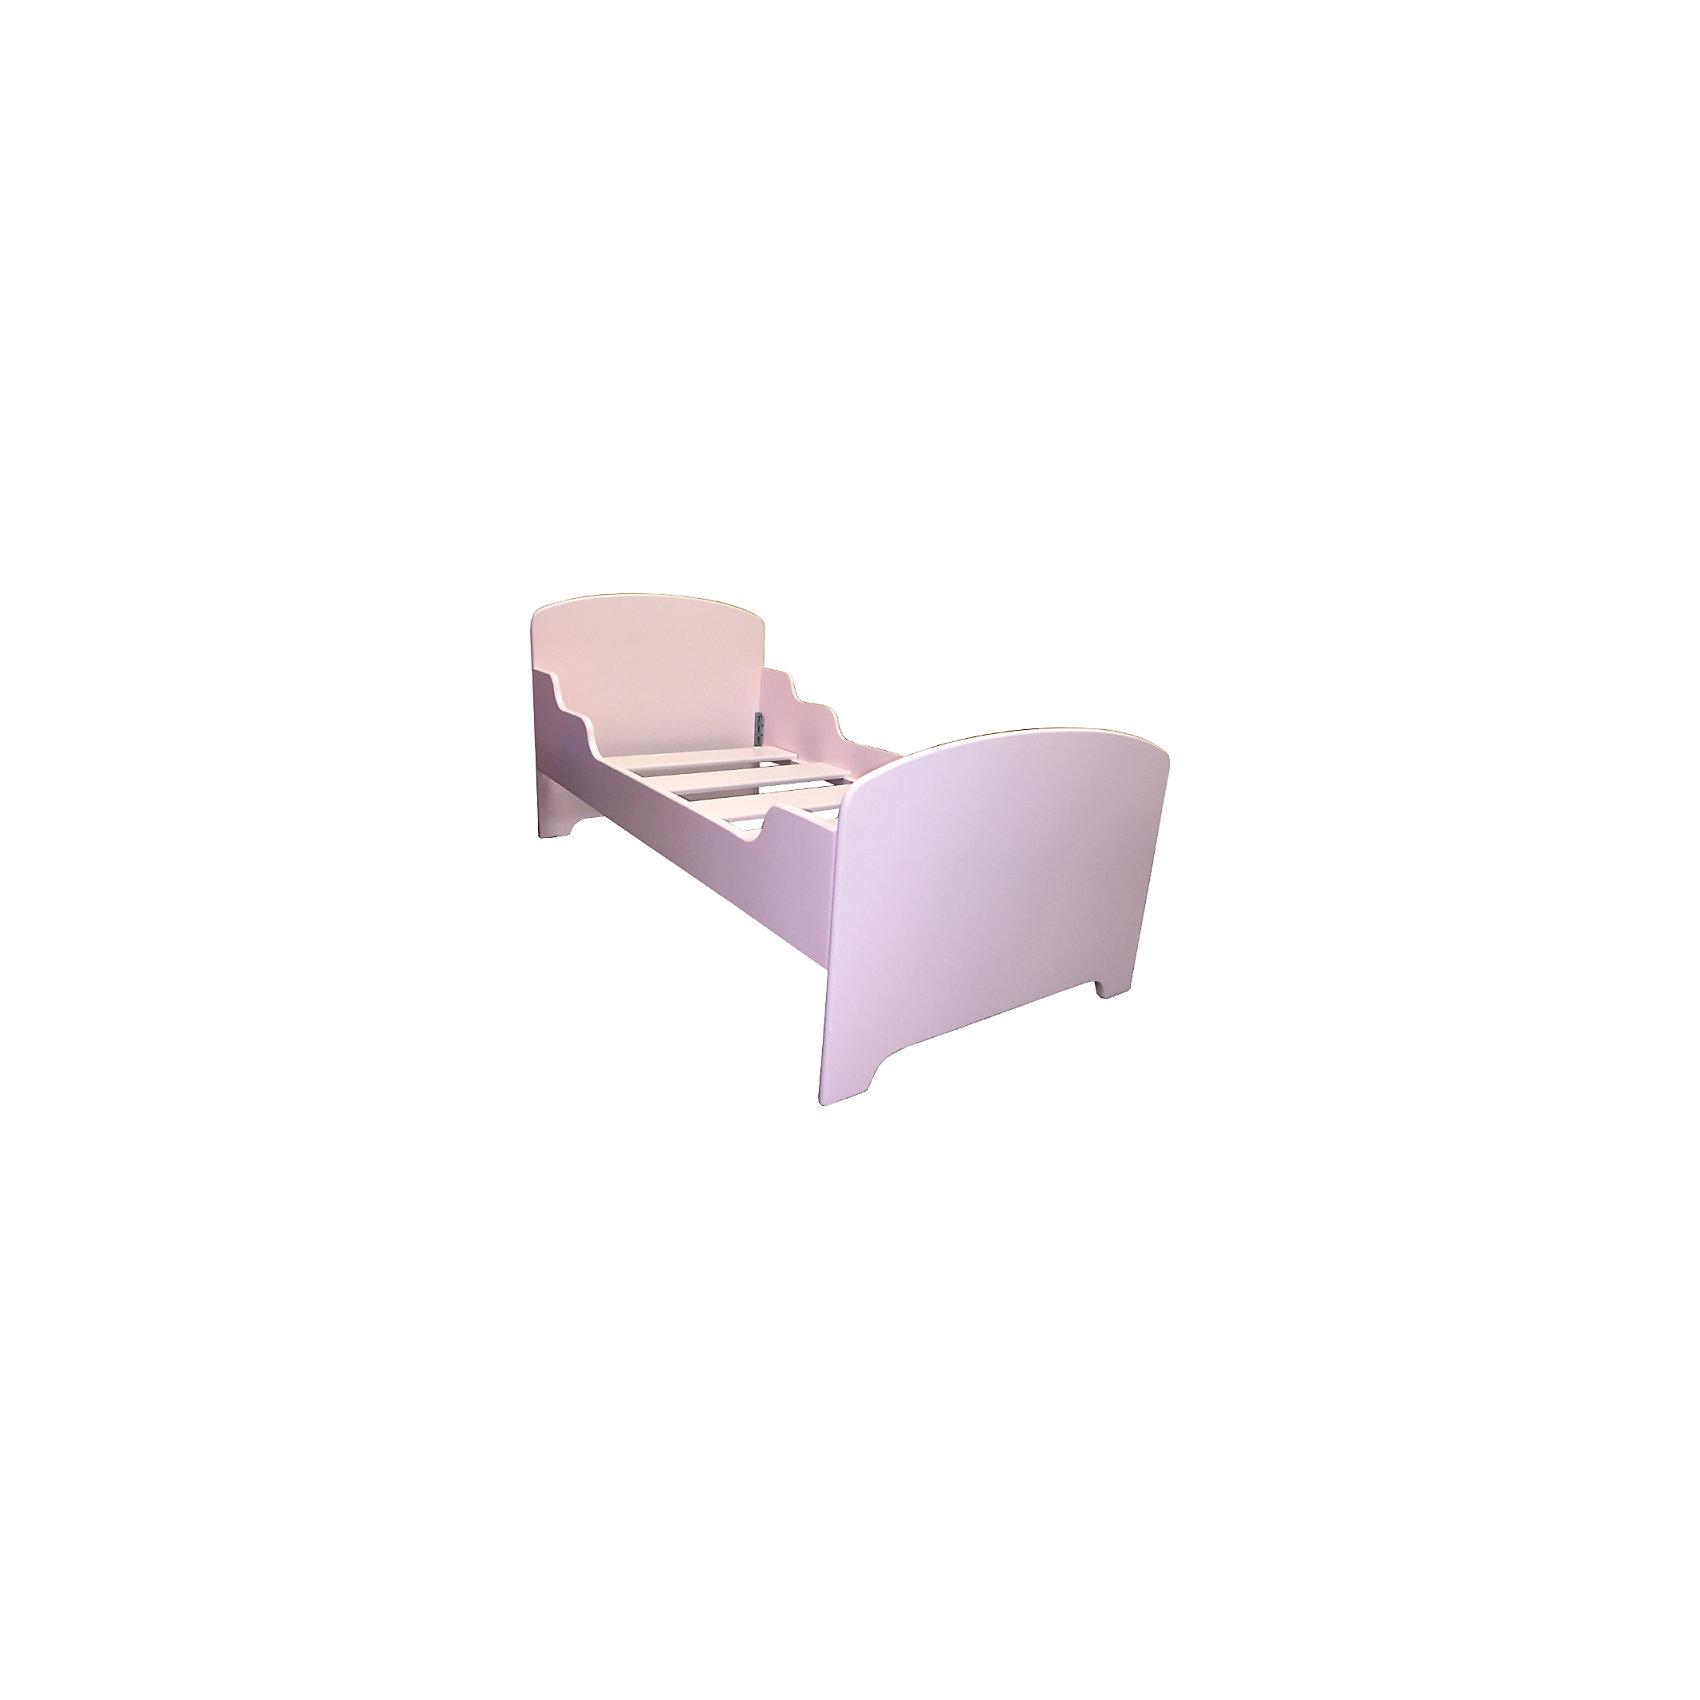 Кроватка детская 140 х 70 , Русэкомебель, розовыйХарактеристики товара:<br><br>• цвет: розовый<br>• высота изголовья: 80 см<br>• длина спального места: 140 см<br>• ширина спального места: 70 см<br>• высота от пола: 30 см<br>• в комплекте: инструкция по сборке <br>• материал: МДФ <br>• возраст: от трех лет<br>• высота изножья: 60 см<br>• матрас в комплект не входит<br>• экологически чистые материалы<br>• соответствие санитарным нормам<br>• страна бренда: РФ<br>• страна изготовитель: РФ<br><br>Красивая и удобная кроватка приятного цвета разработана специально для детей. Она имеет универсальный размер, поэтому подобрать для неё матрас, одеяло, подушку и постельное бельё не составит труда.<br>Кровать произведена из экологически чистых материалов, которые не вызовут аллергии и не будут негативно влиять на здоровье малыша. Она надежно сделана и отлично обработана! Модель производится из качественных и проверенных материалов, которые безопасны для детей.<br><br>Кроватку детскую 140 х 70 от бренда Русэкомебель можно купить в нашем интернет-магазине.<br><br>Ширина мм: 1400<br>Глубина мм: 700<br>Высота мм: 170<br>Вес г: 38000<br>Возраст от месяцев: 36<br>Возраст до месяцев: 84<br>Пол: Женский<br>Возраст: Детский<br>SKU: 5185084